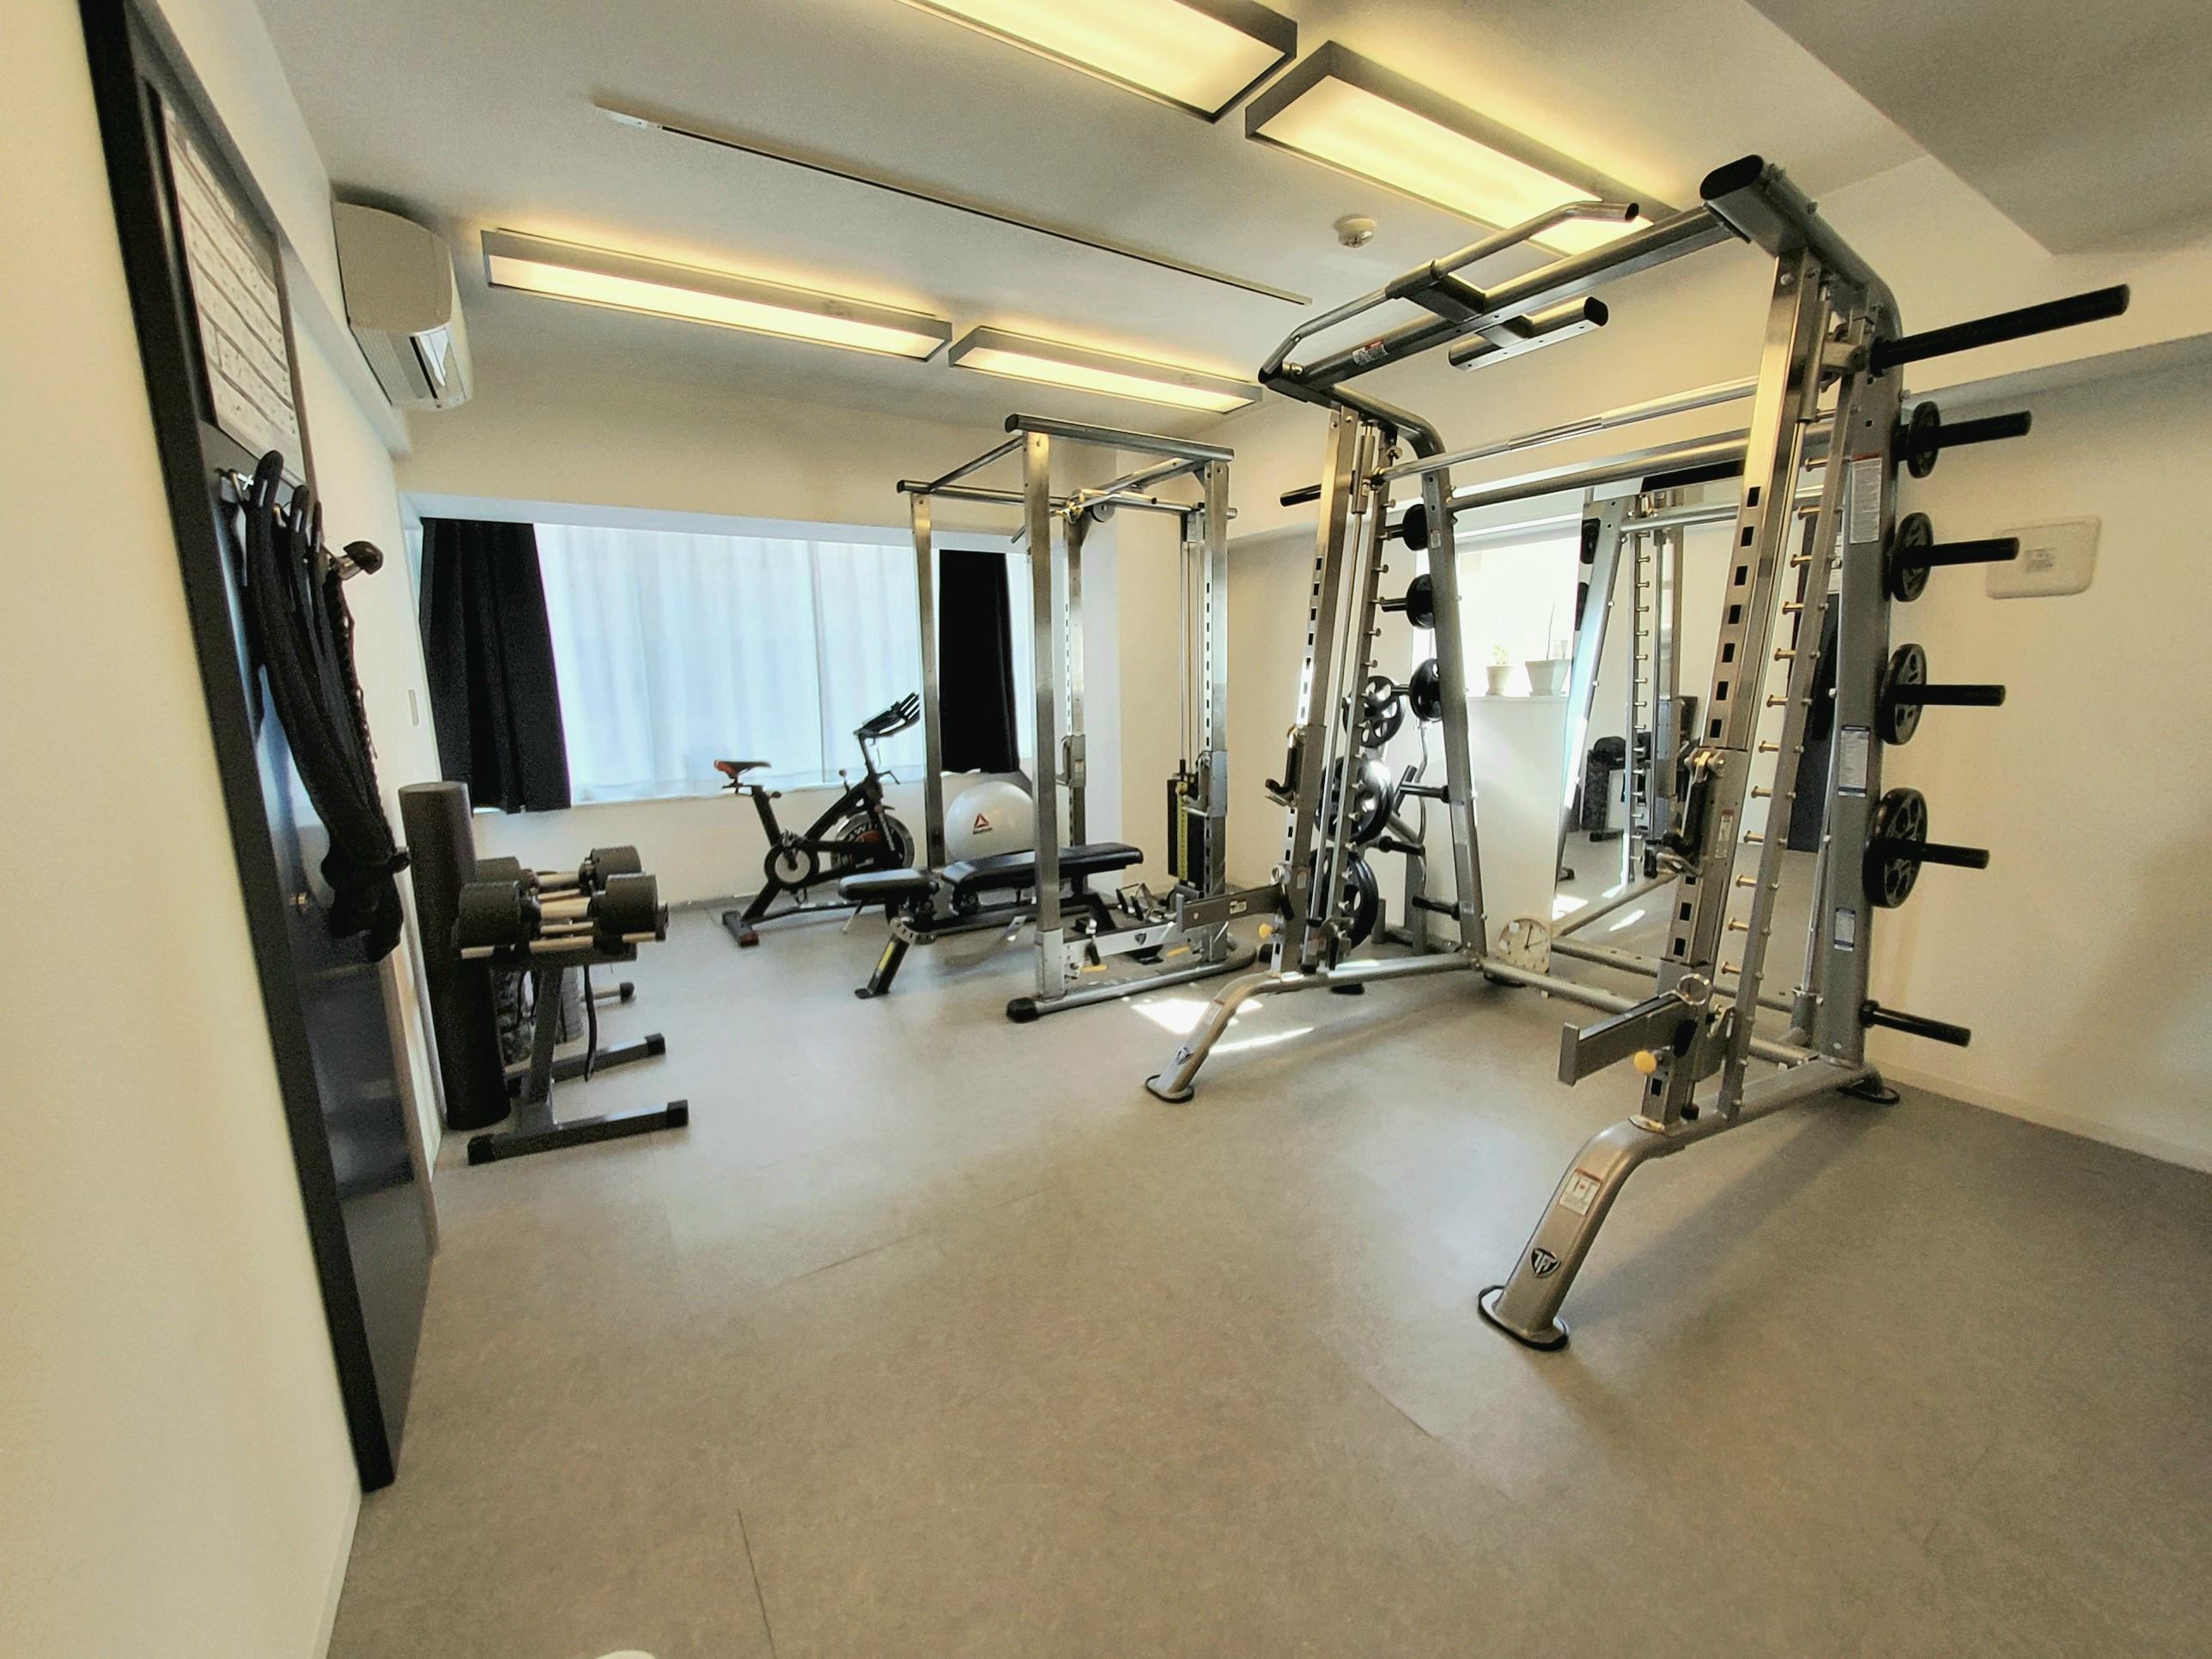 トレーニングルームです! - R_STYLE レンタルジム、プライベートジムの室内の写真